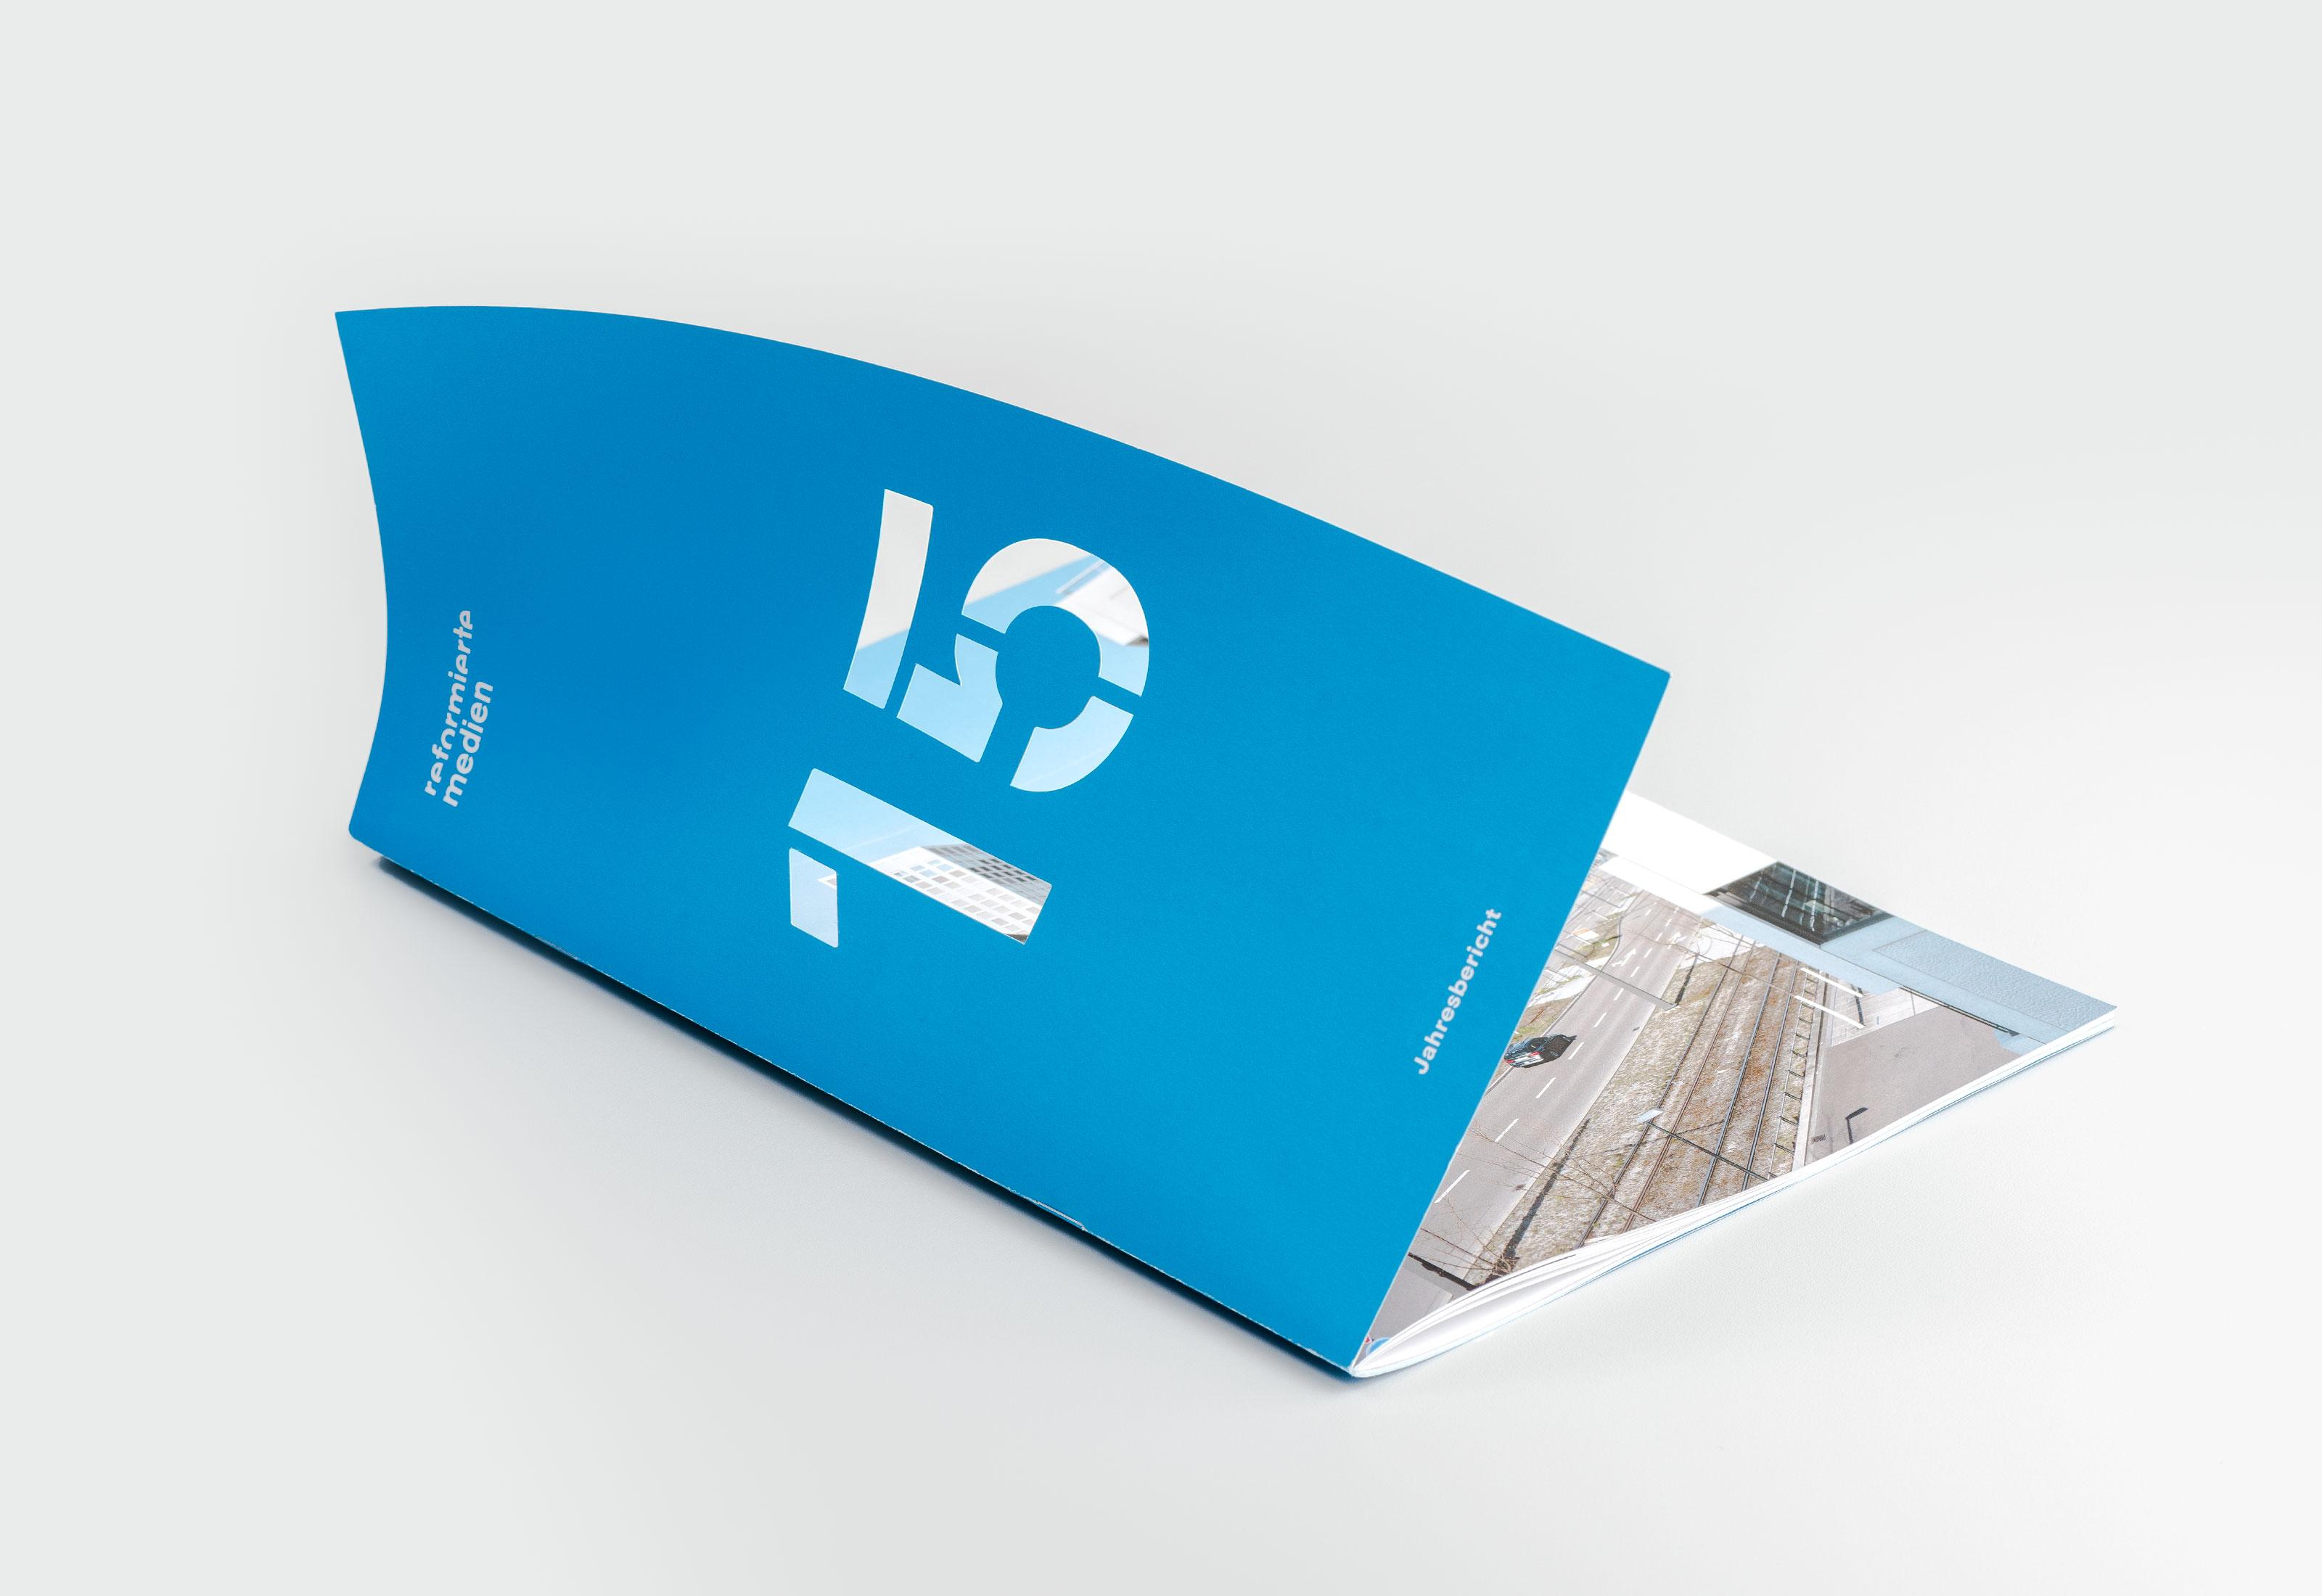 Reformierte Medien – Jahresbericht 2015, cover full ©Atelier Pol × Barbara Hess